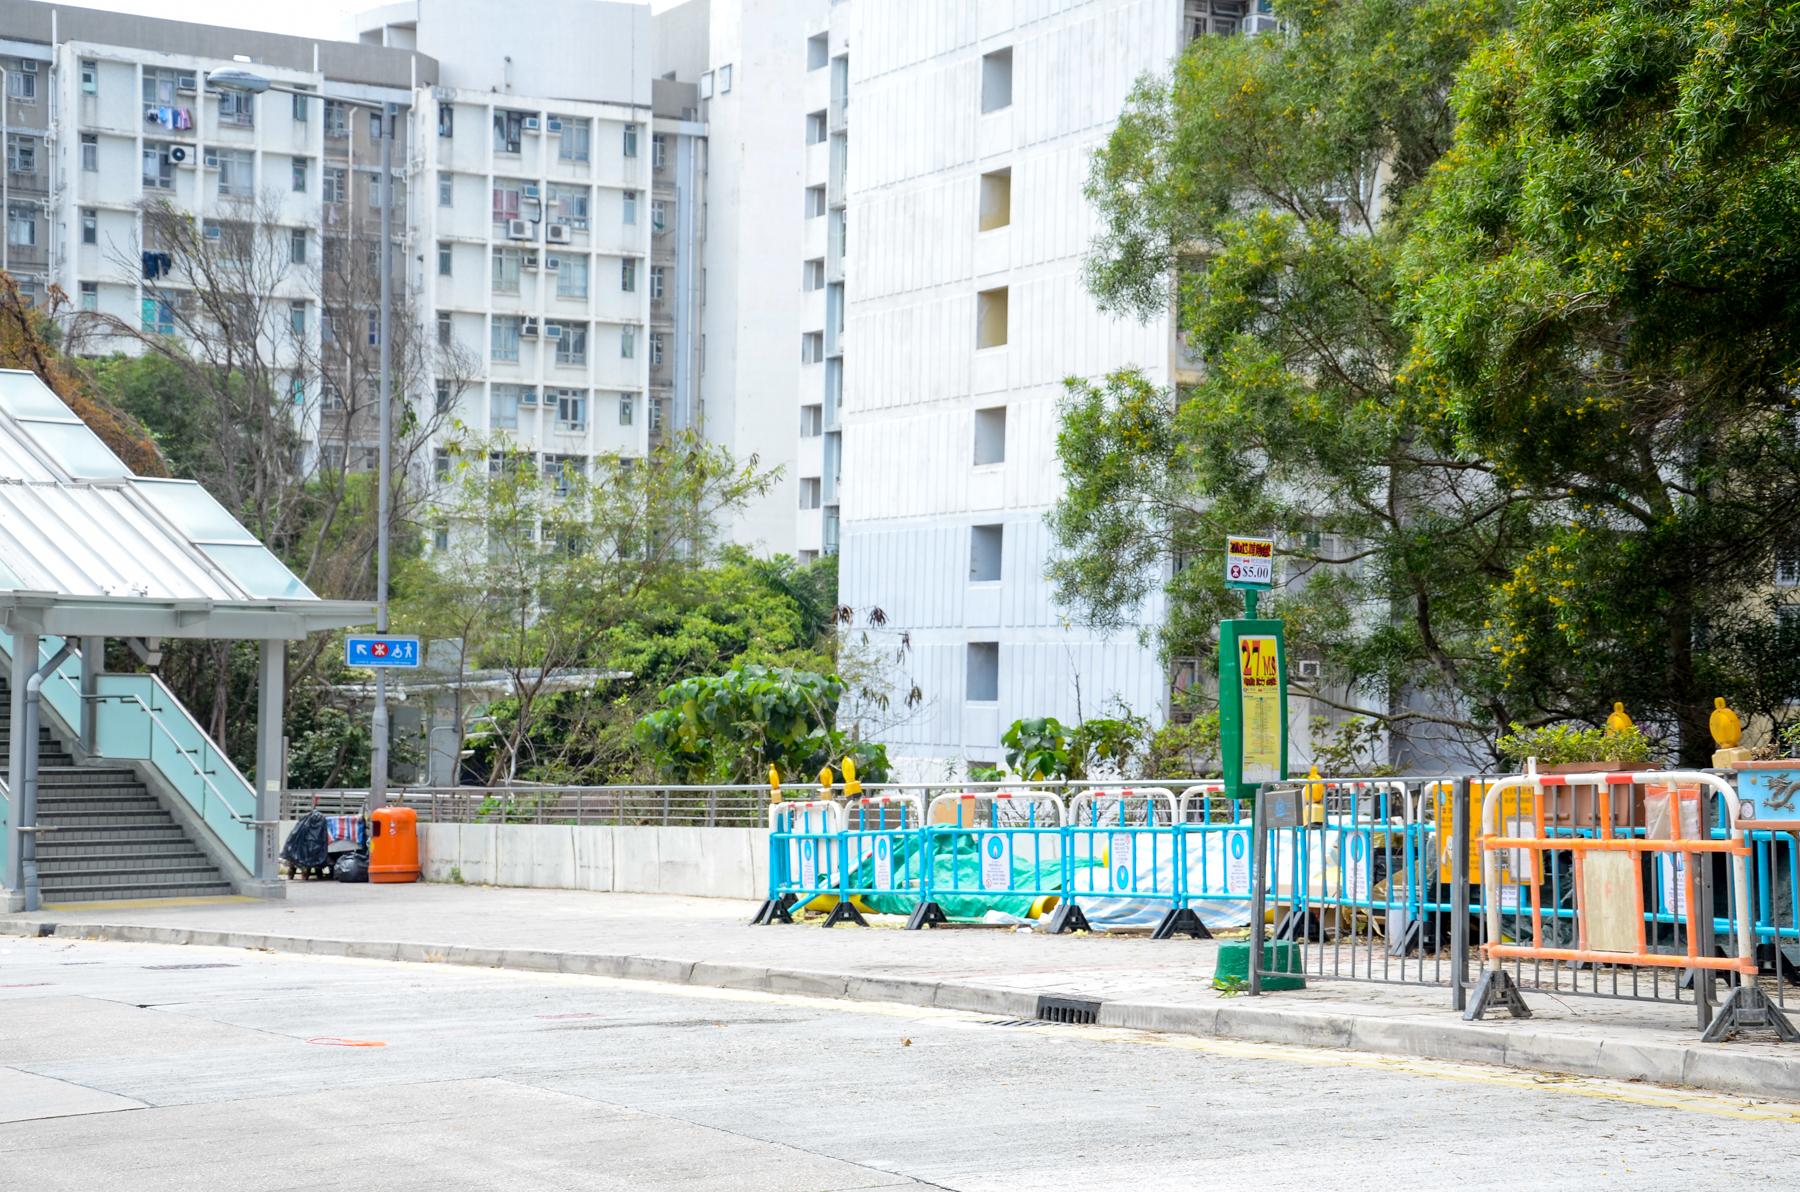 何文田 (常樂街) 總站